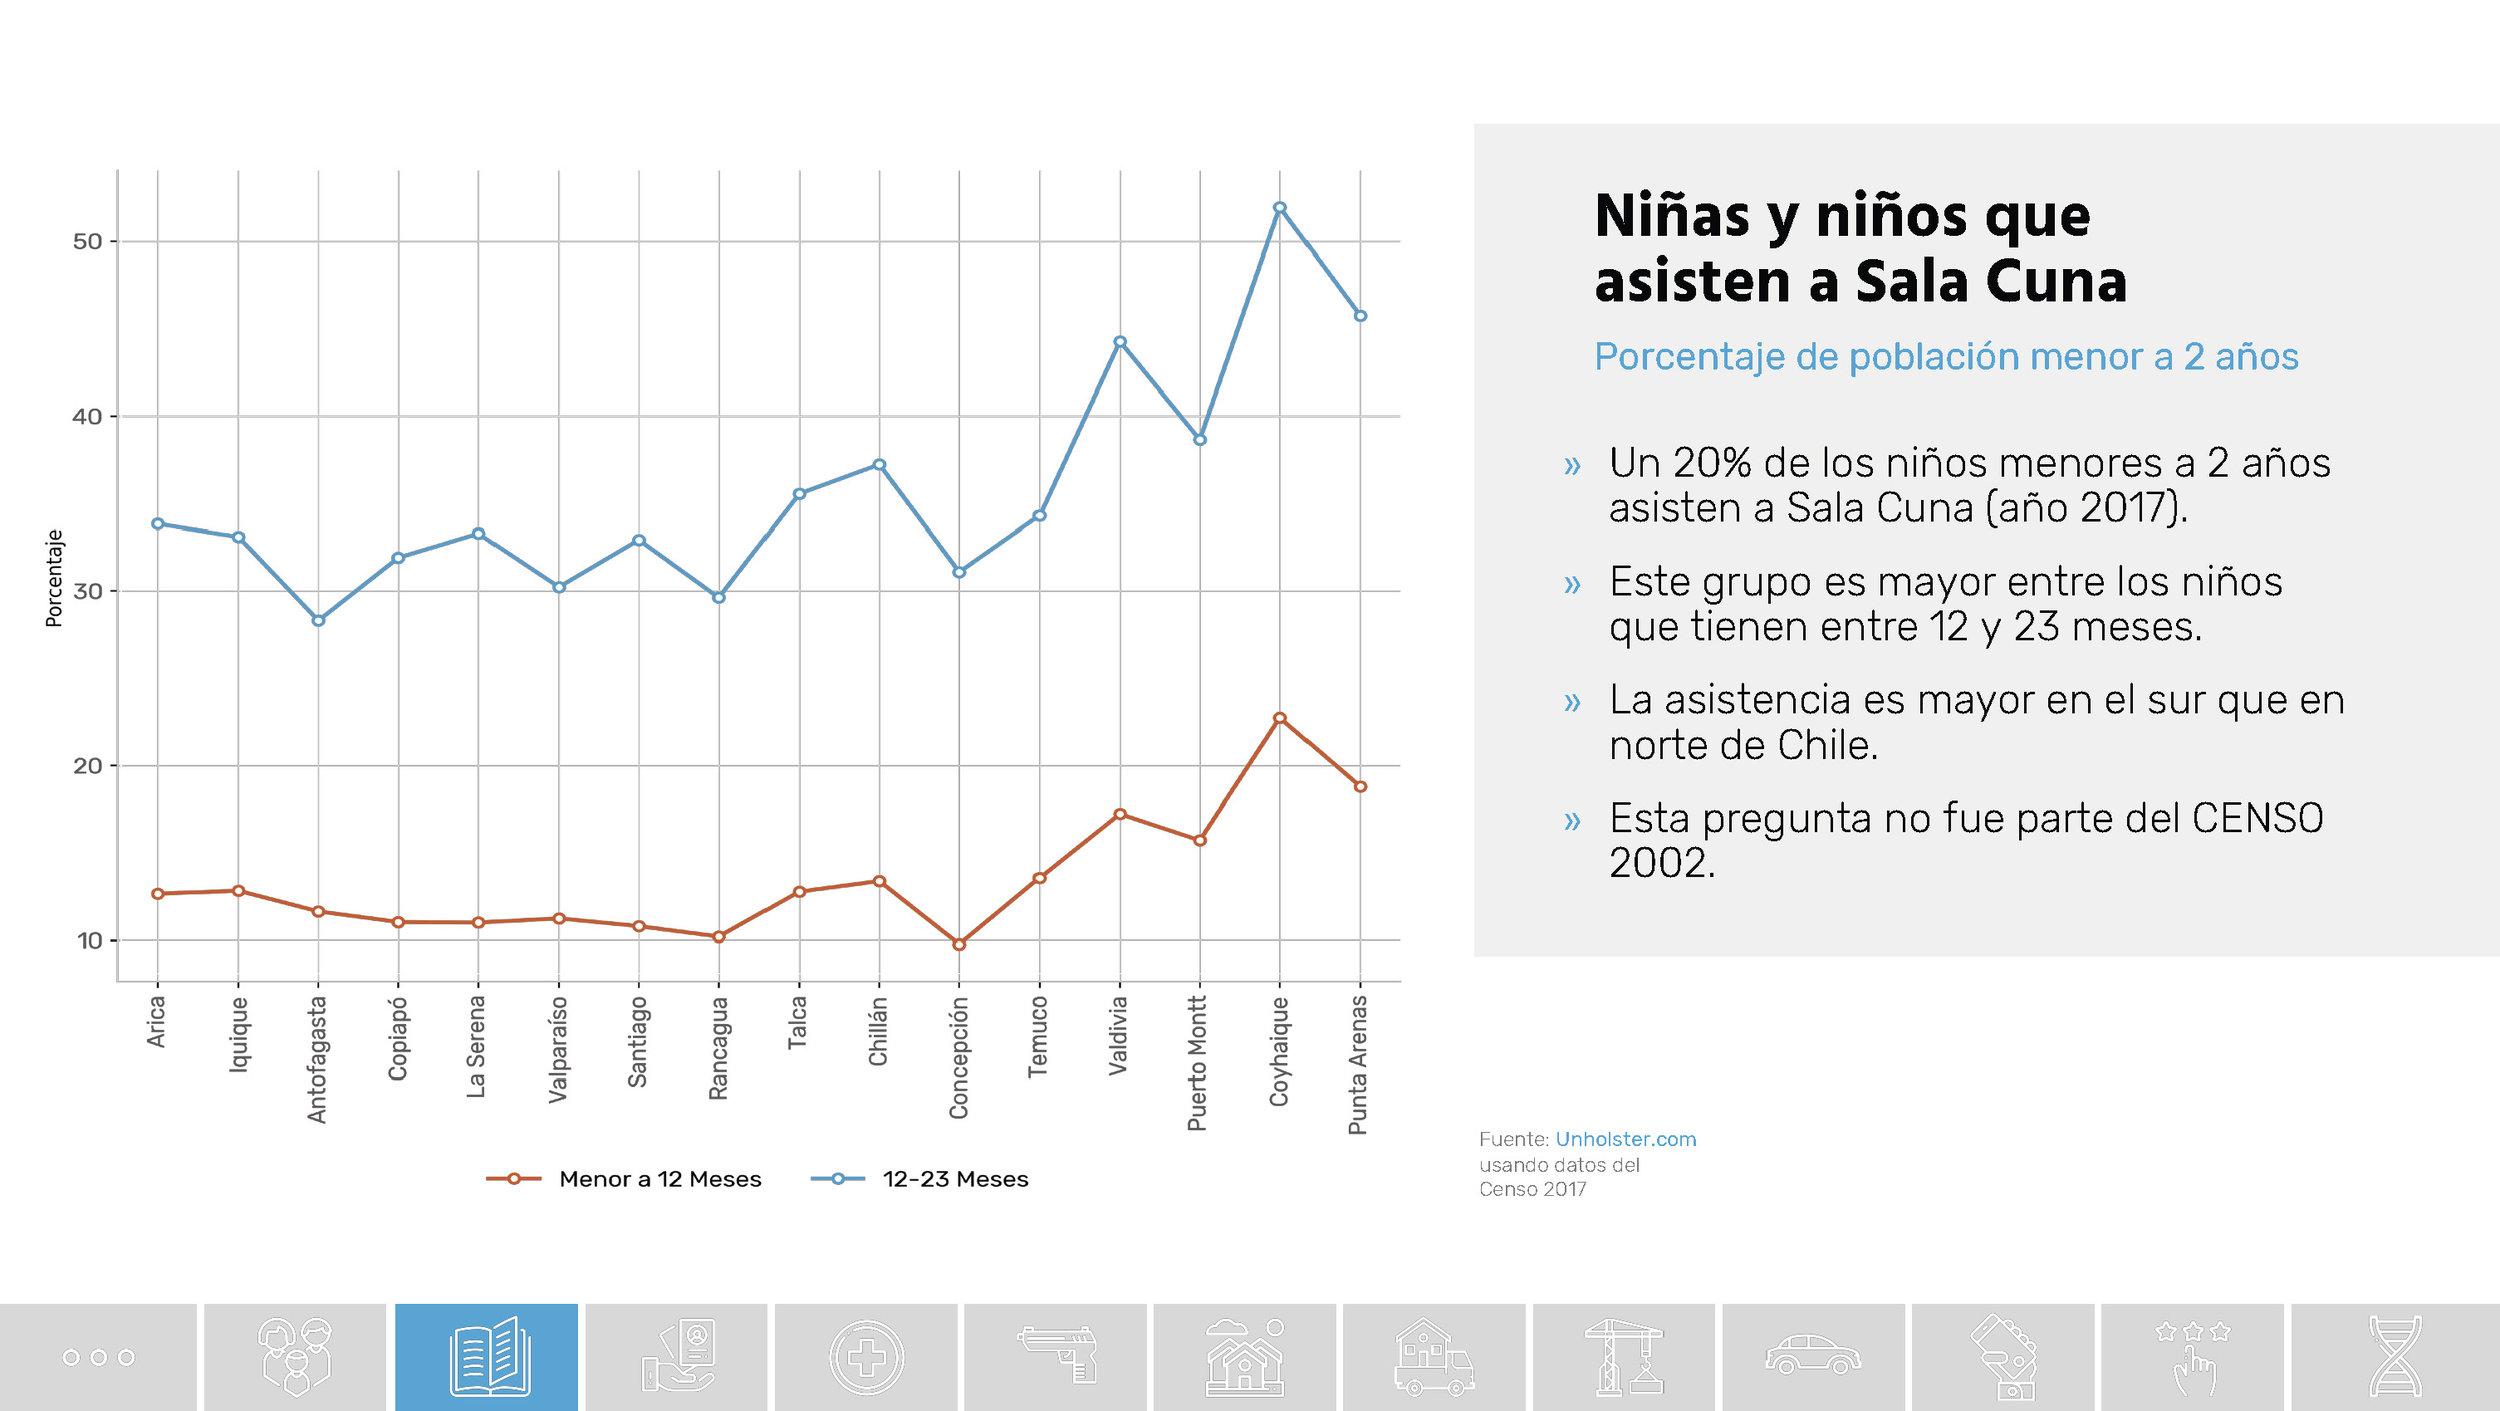 Chile_Datos de una transformacion social_Unholster_Página_18.jpg